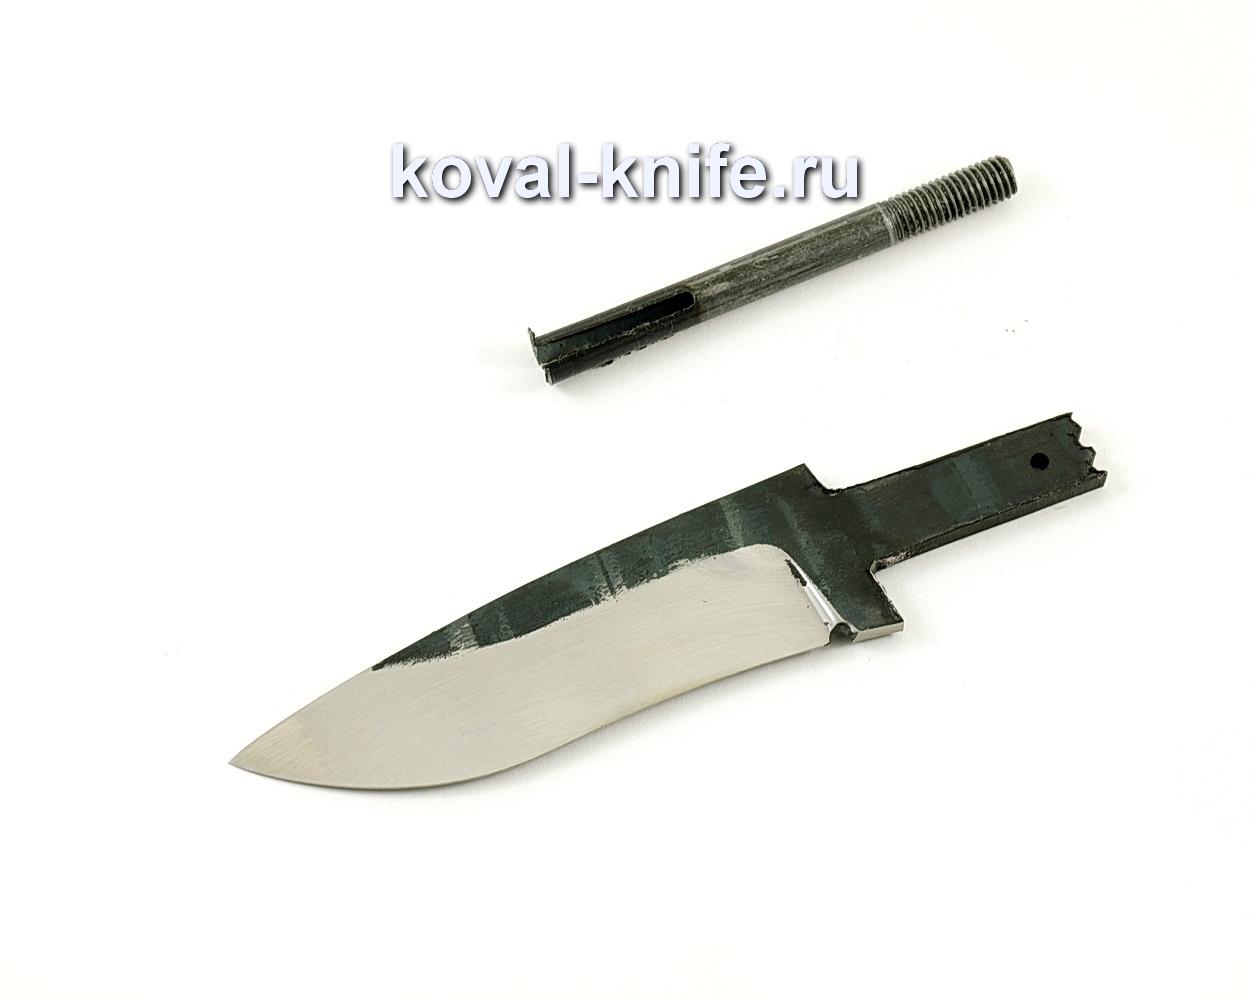 Клинок для ножа Сапсан (кованая сталь 110Х18 МШД)